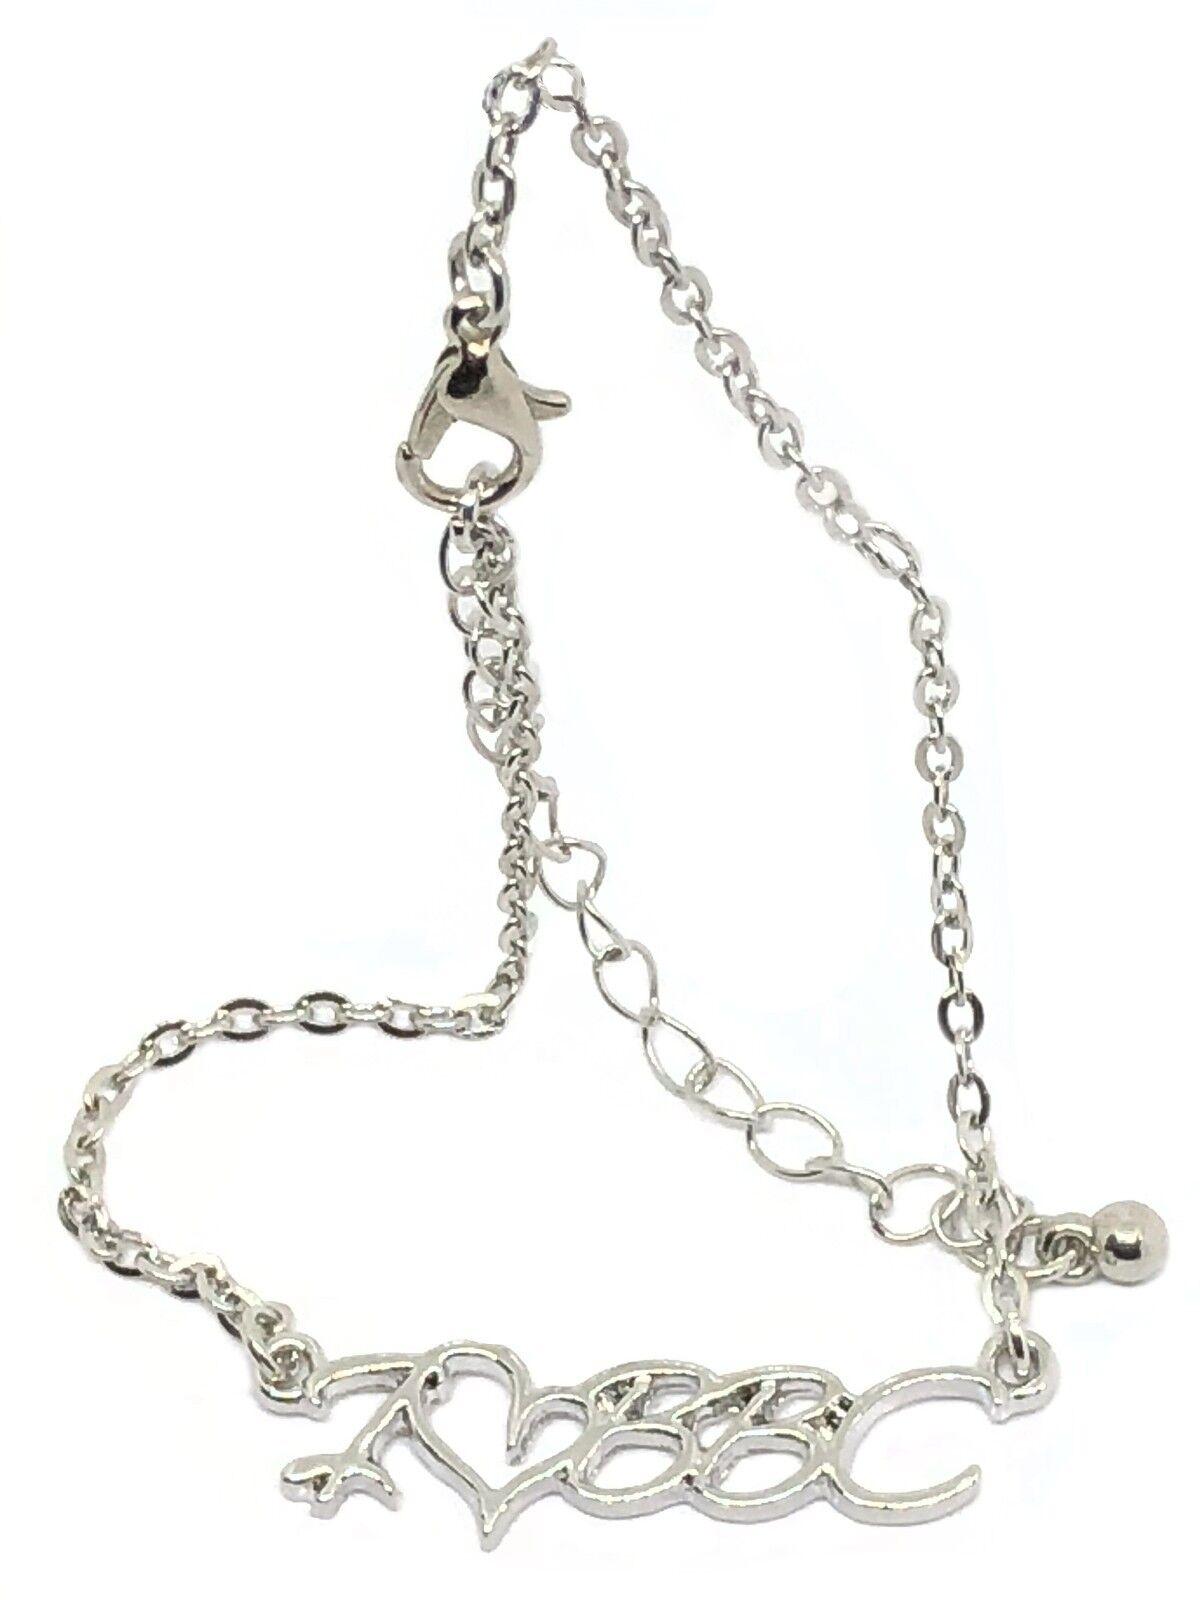 Swingers jewellery